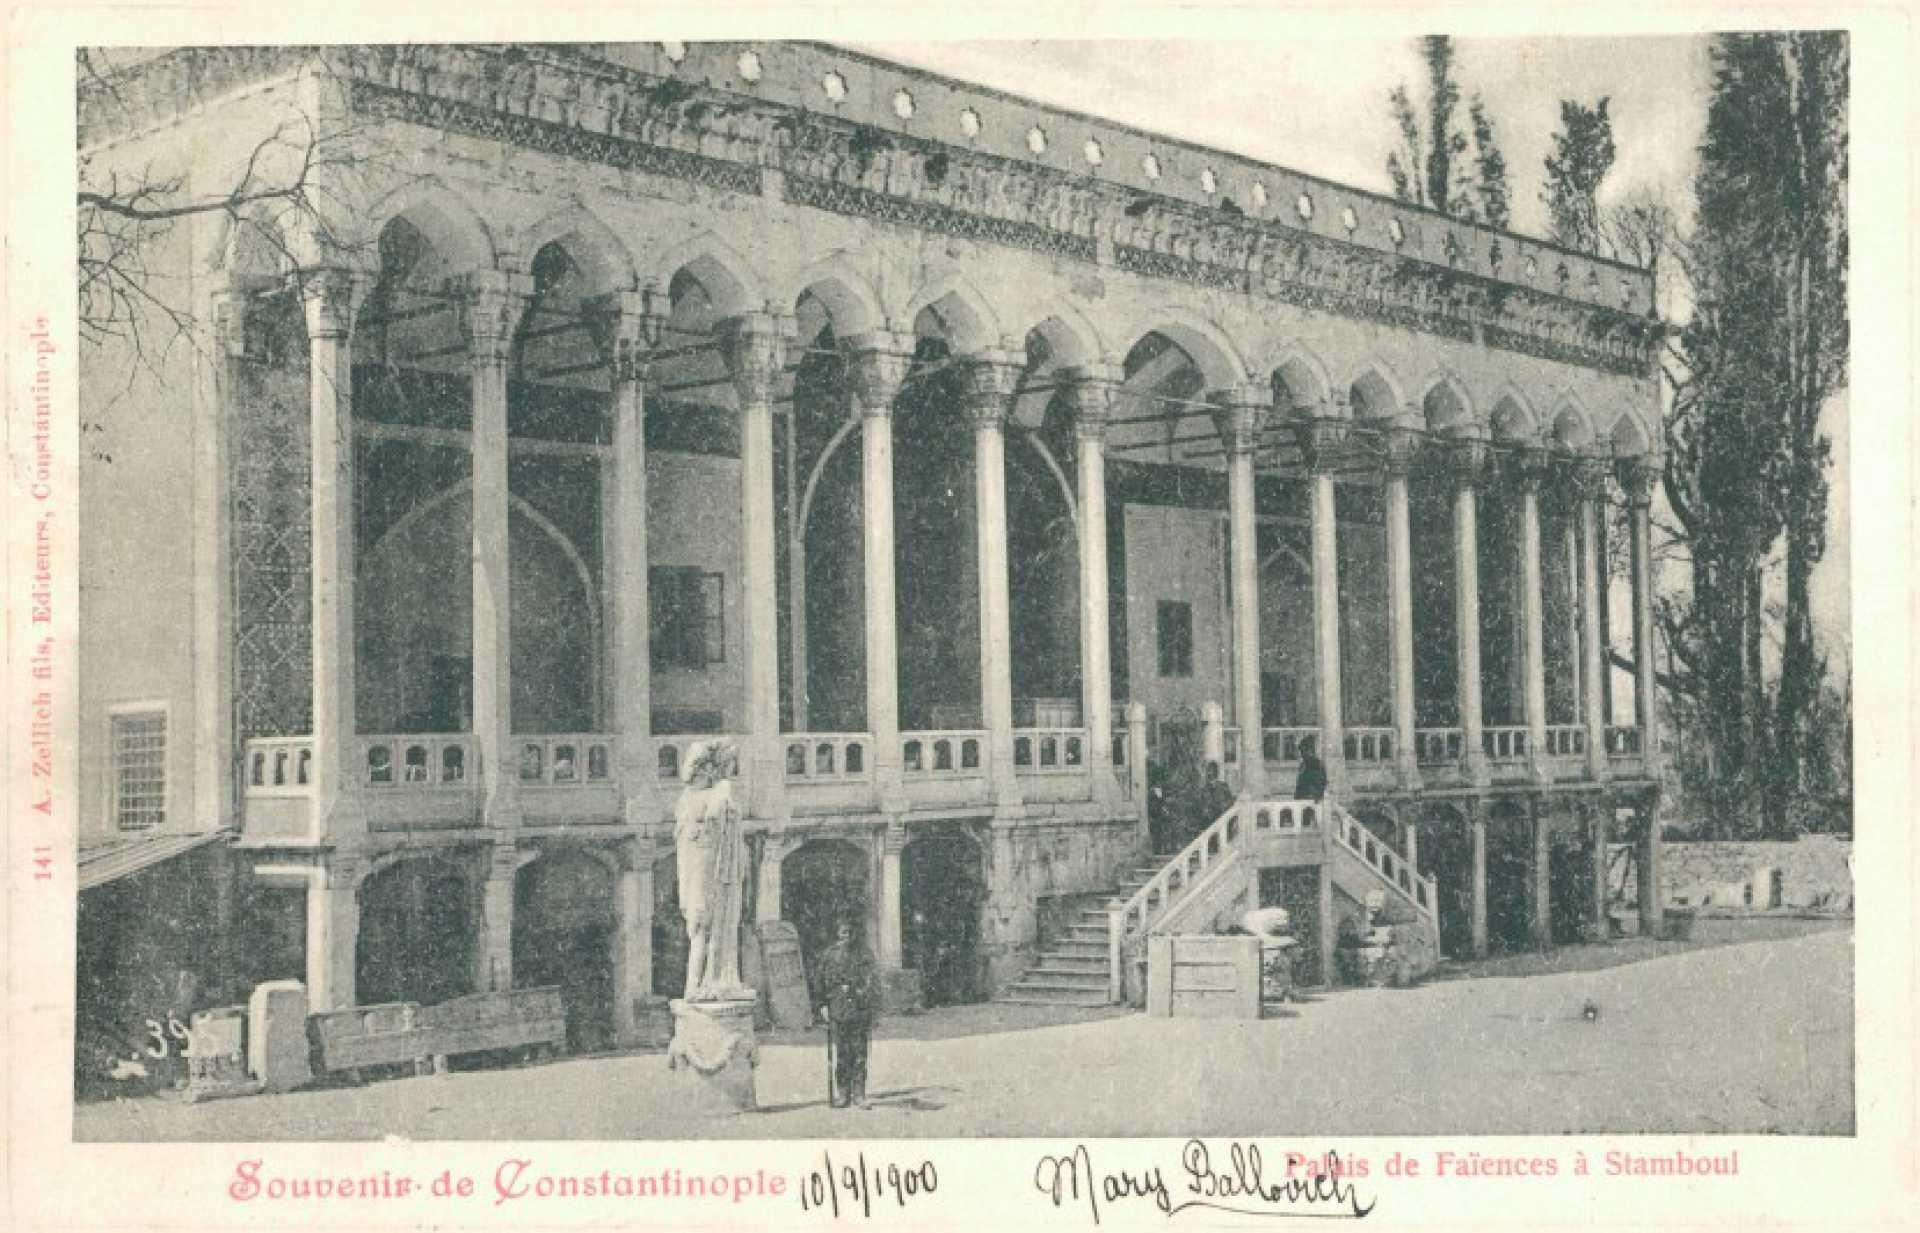 Palais de Faiences a Stamboul